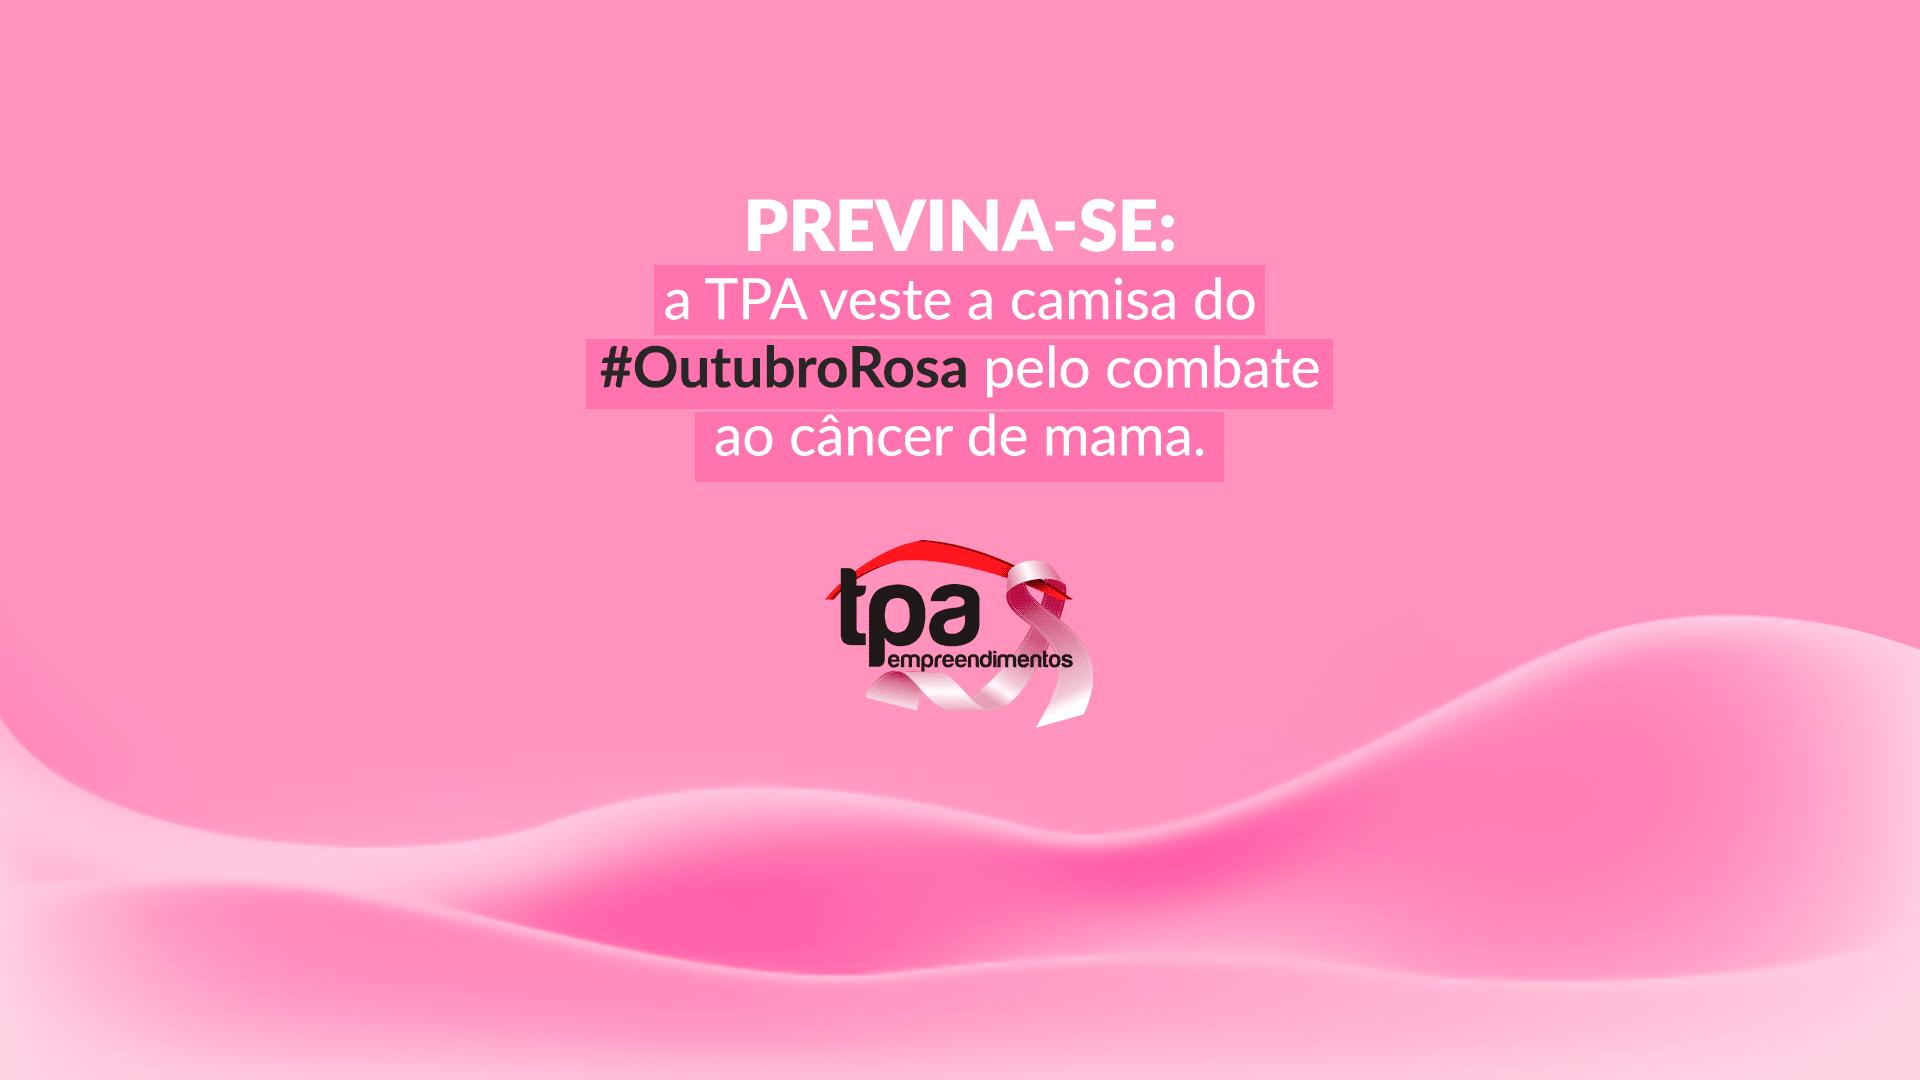 Previna-se: a TPA veste a camisa do #OutubroRosa pelo combate ao câncer de mama